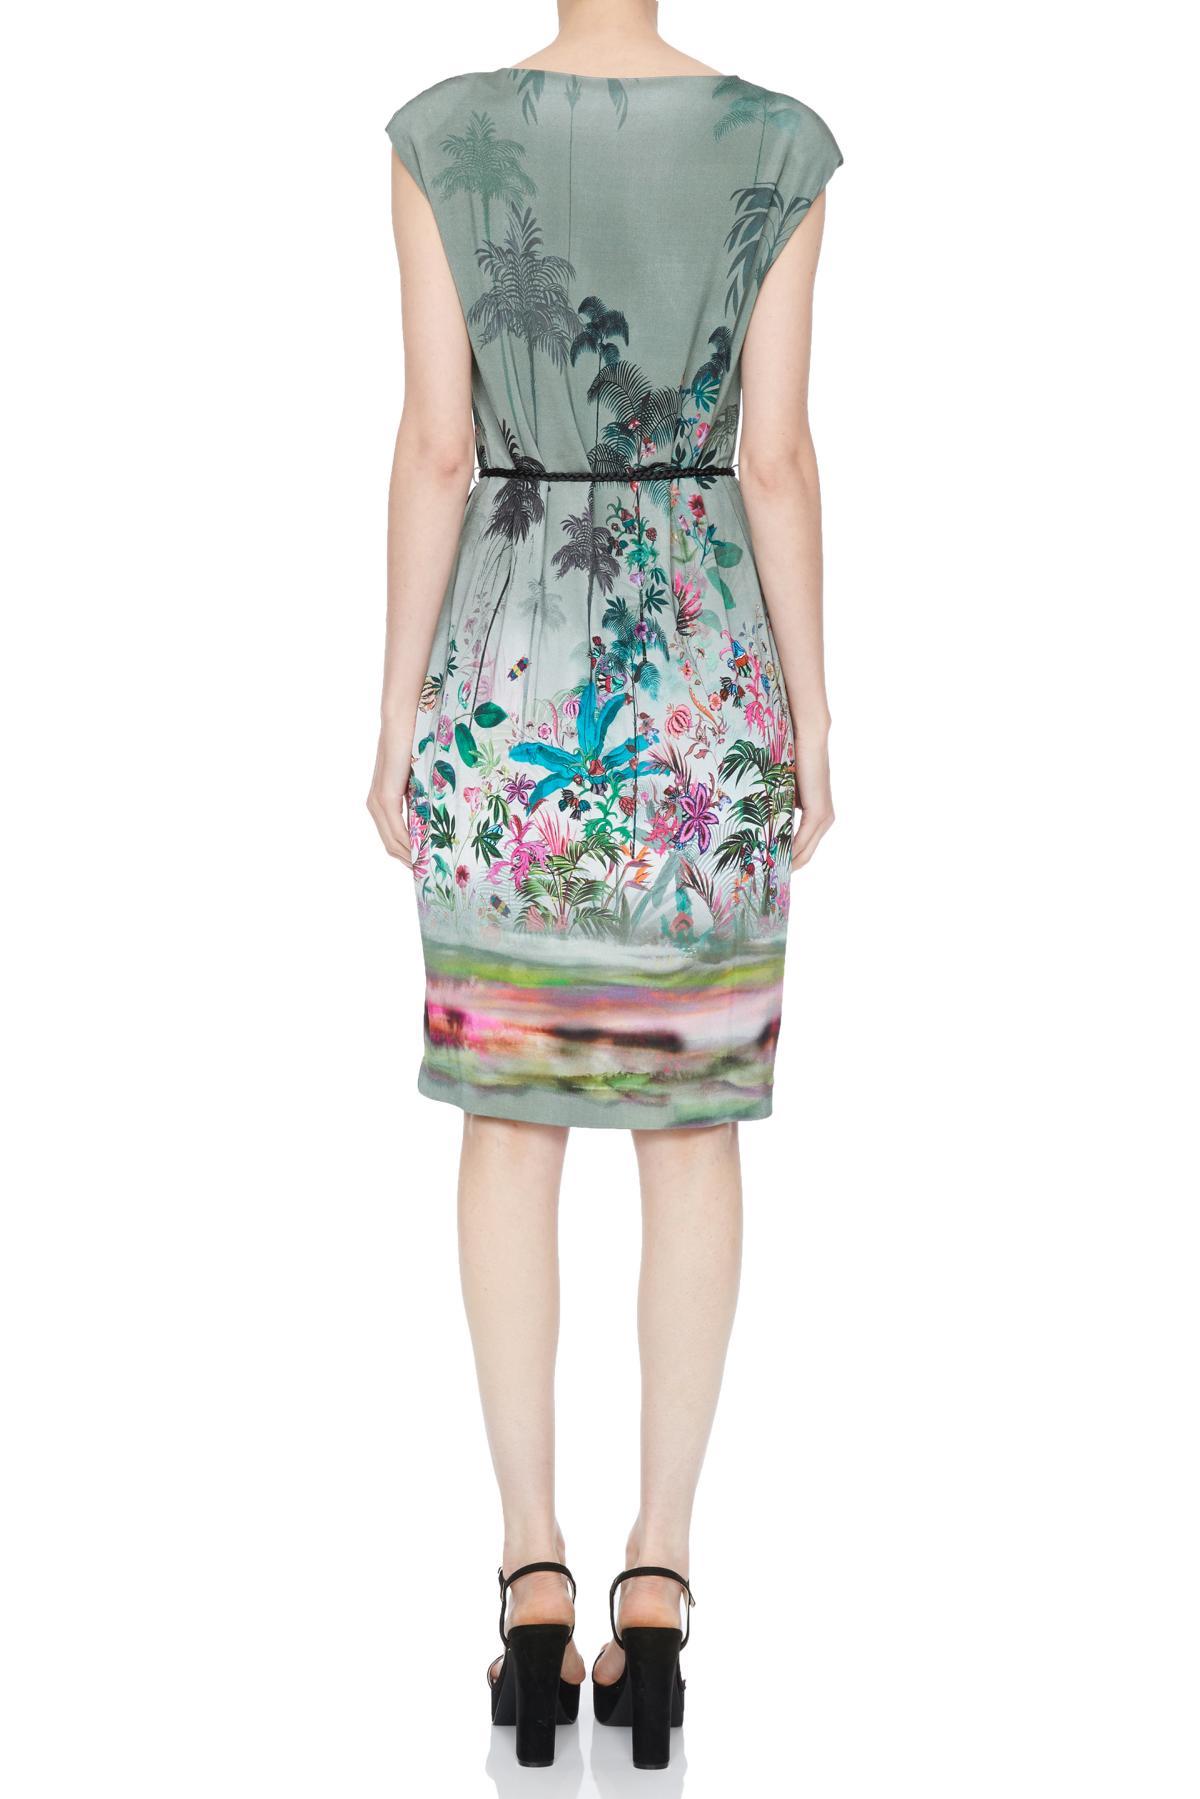 Rückansicht von Ana Alcazar Palmenprint Kleid Nizzys  angezogen an Model